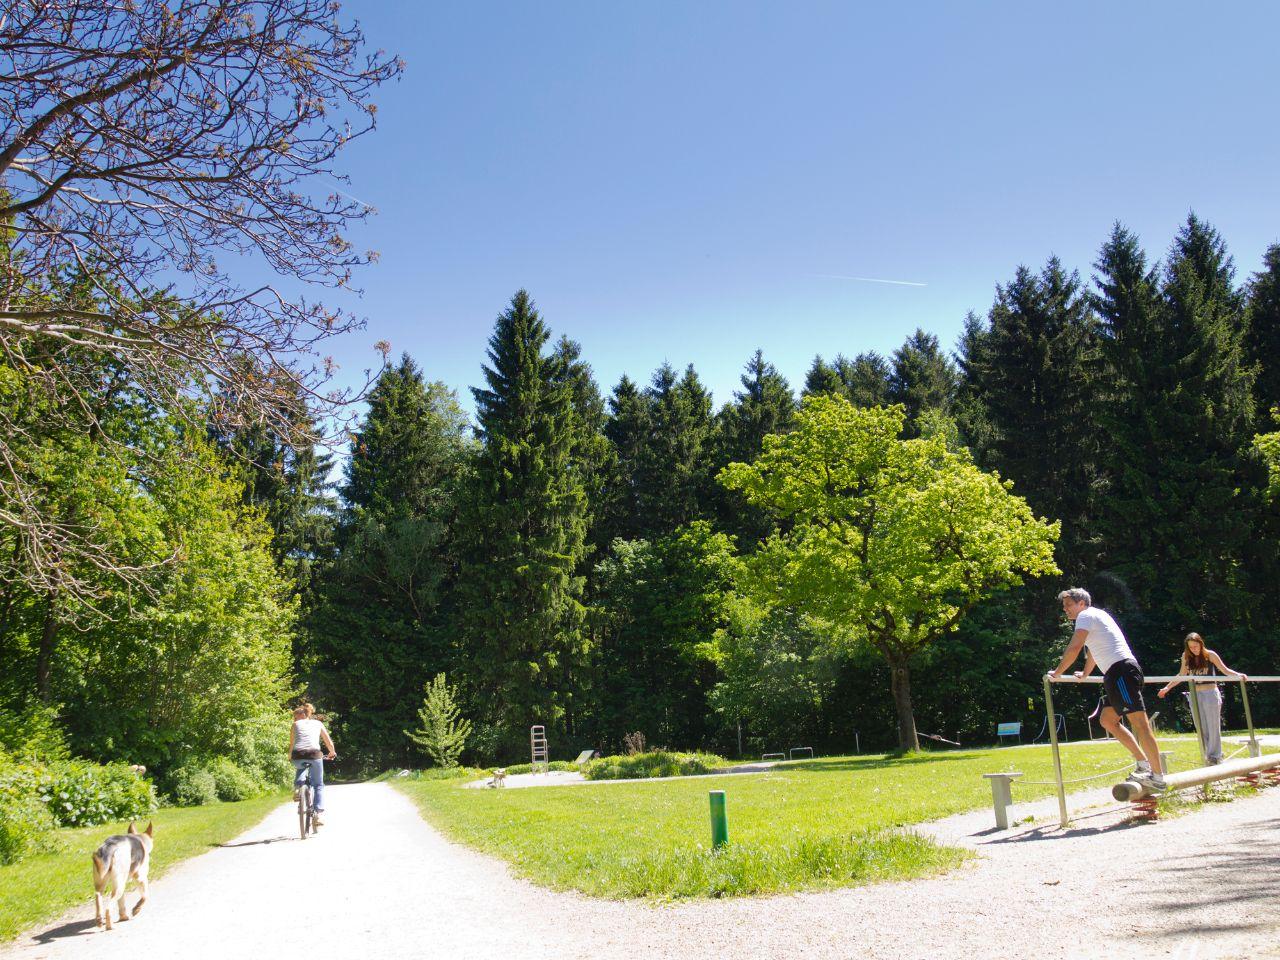 Südpark In München Das Offizielle Stadtportal Muenchende